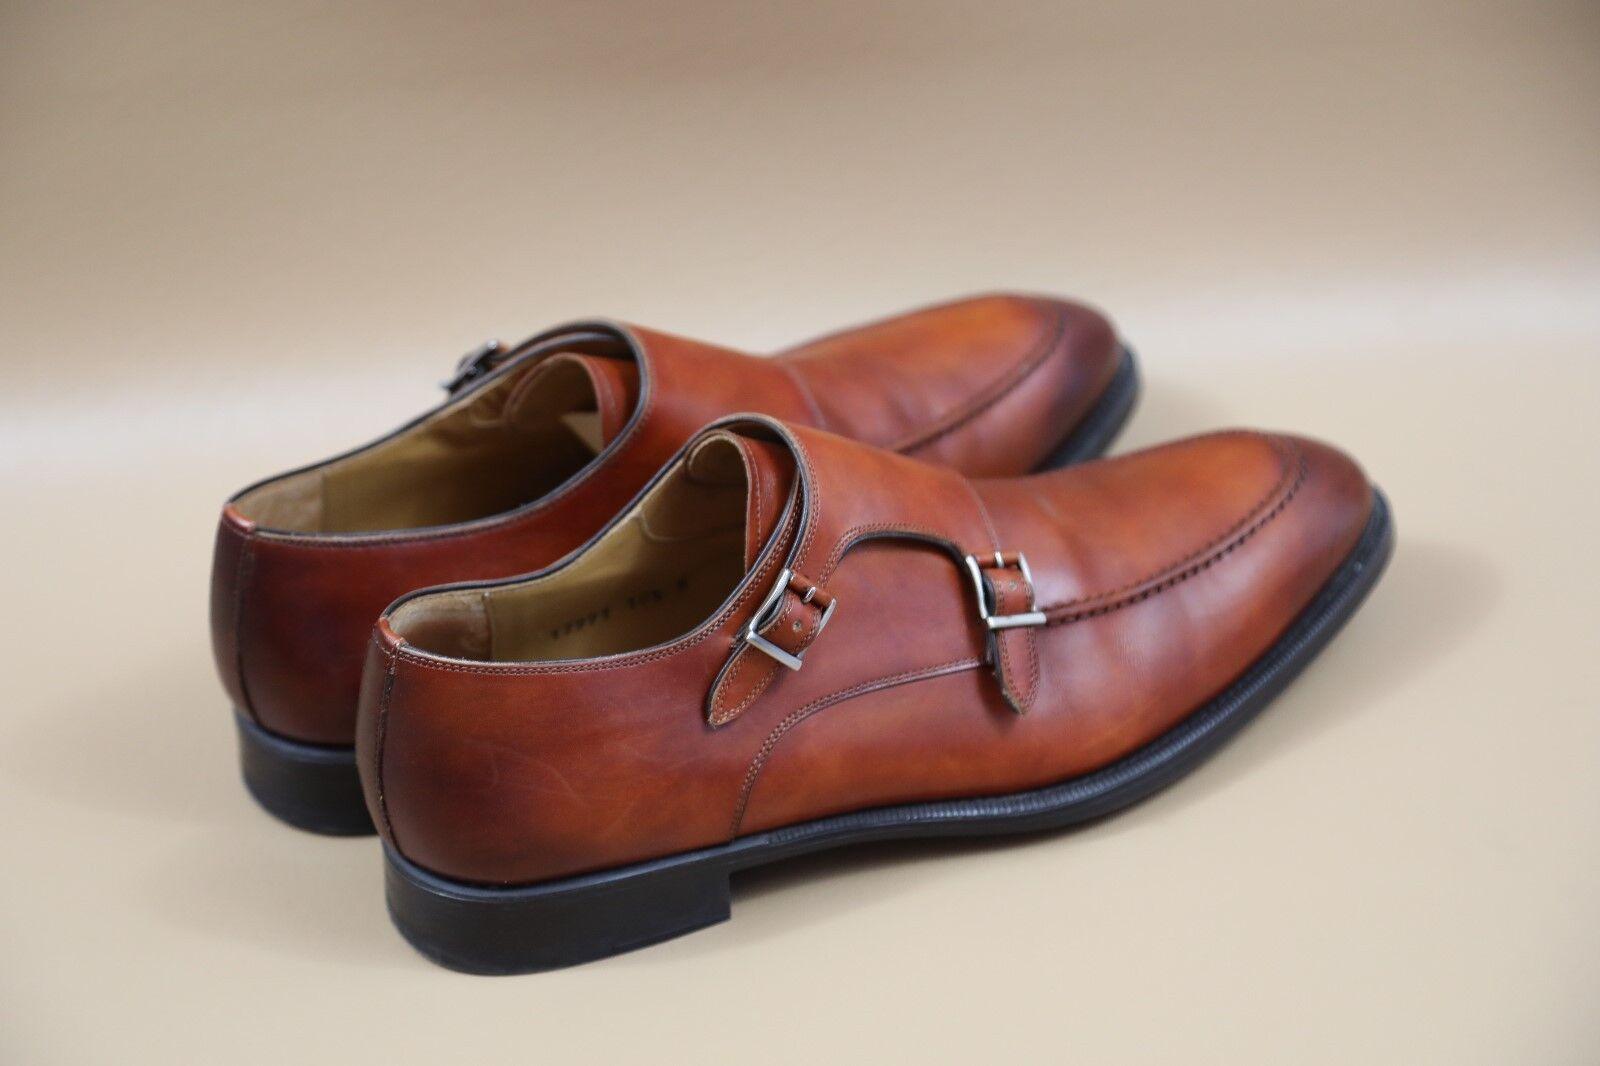 Magnanni Magnanni Magnanni 'Talbot' Double Strap scarpe Dimensione 10.5  RETAIL  350 bfda06